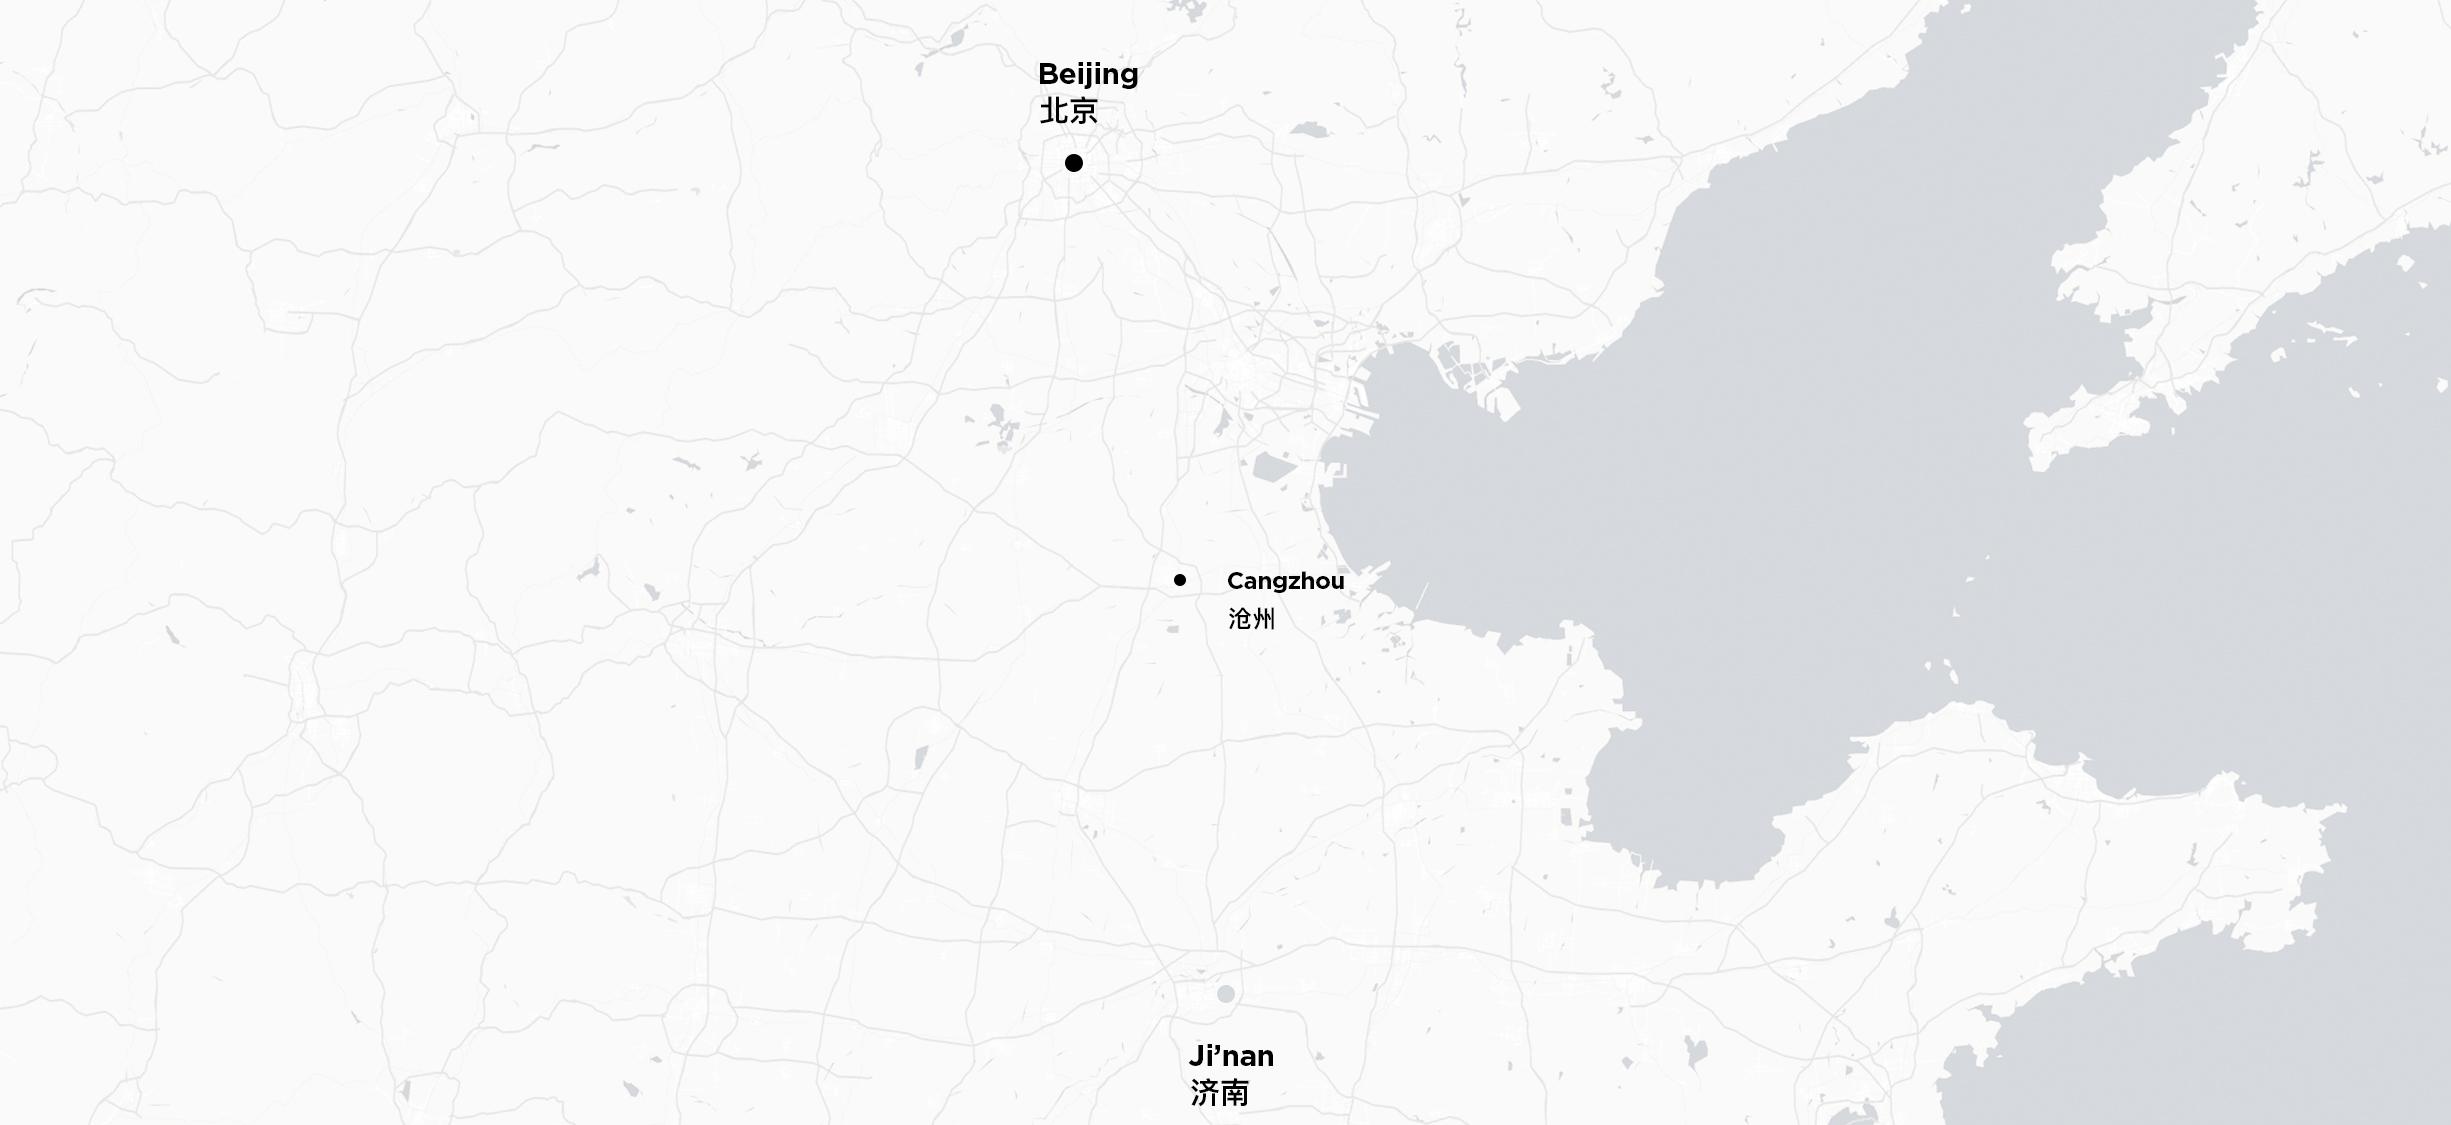 北京—沧州—济南